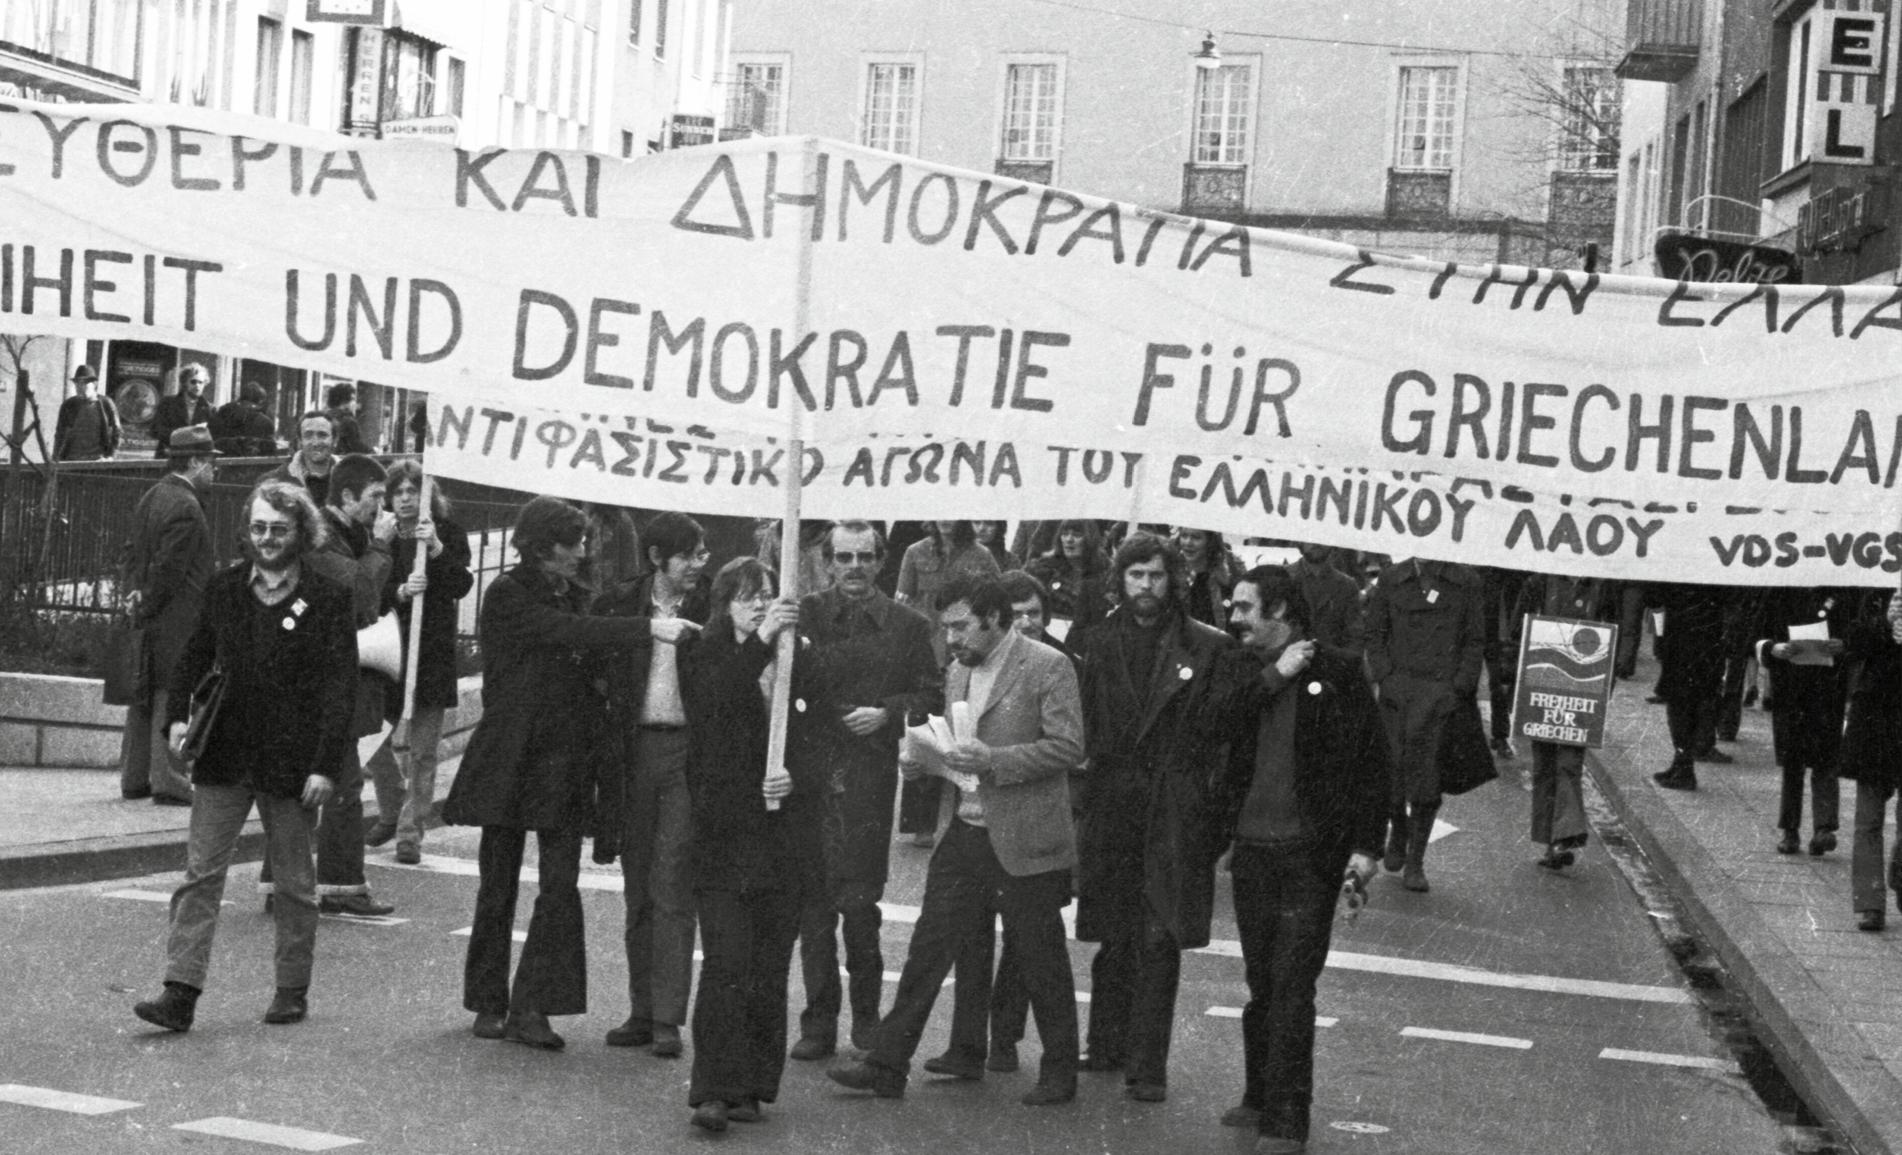 Manifestation à Bonn (Allemagne), 10 mars 1973, photographie anonyme.